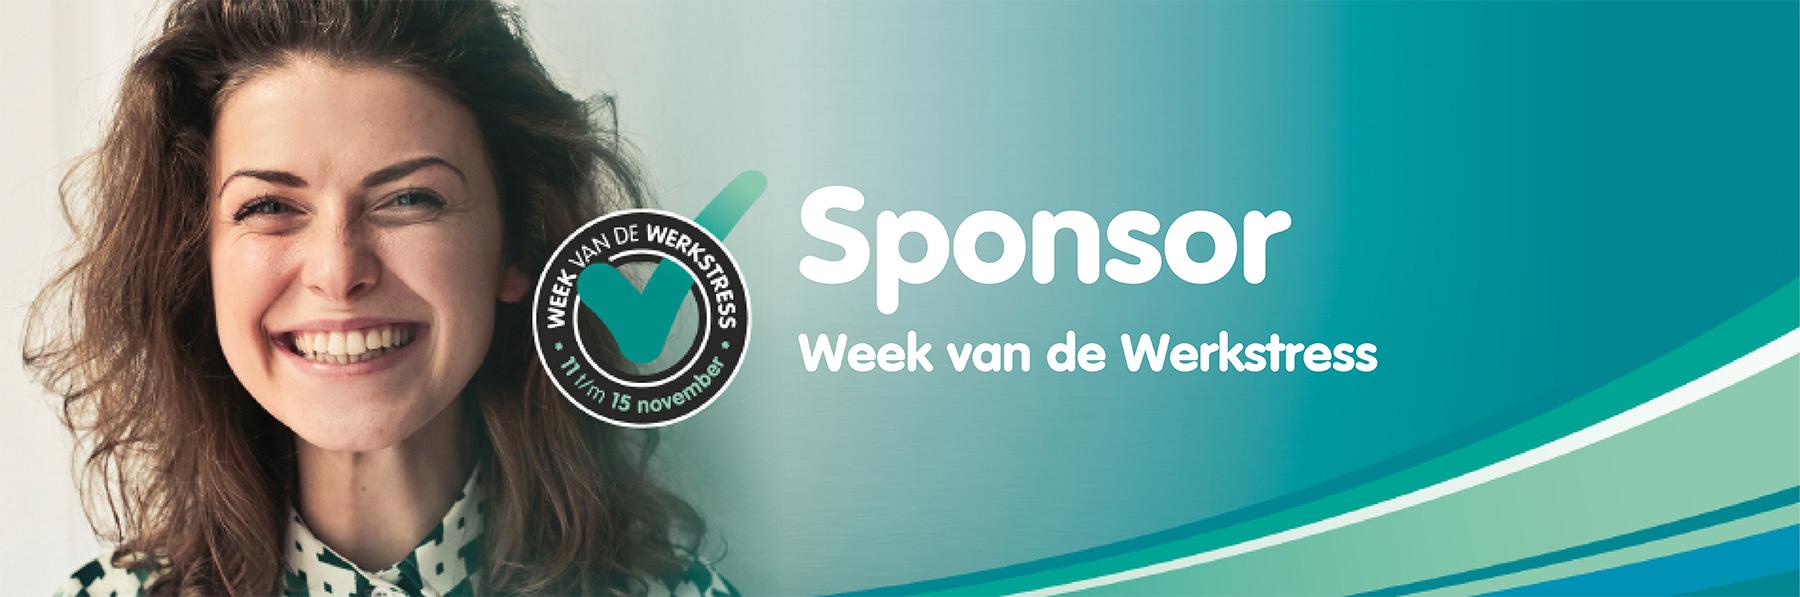 Sponsorbanner Week van de werkstress 2019